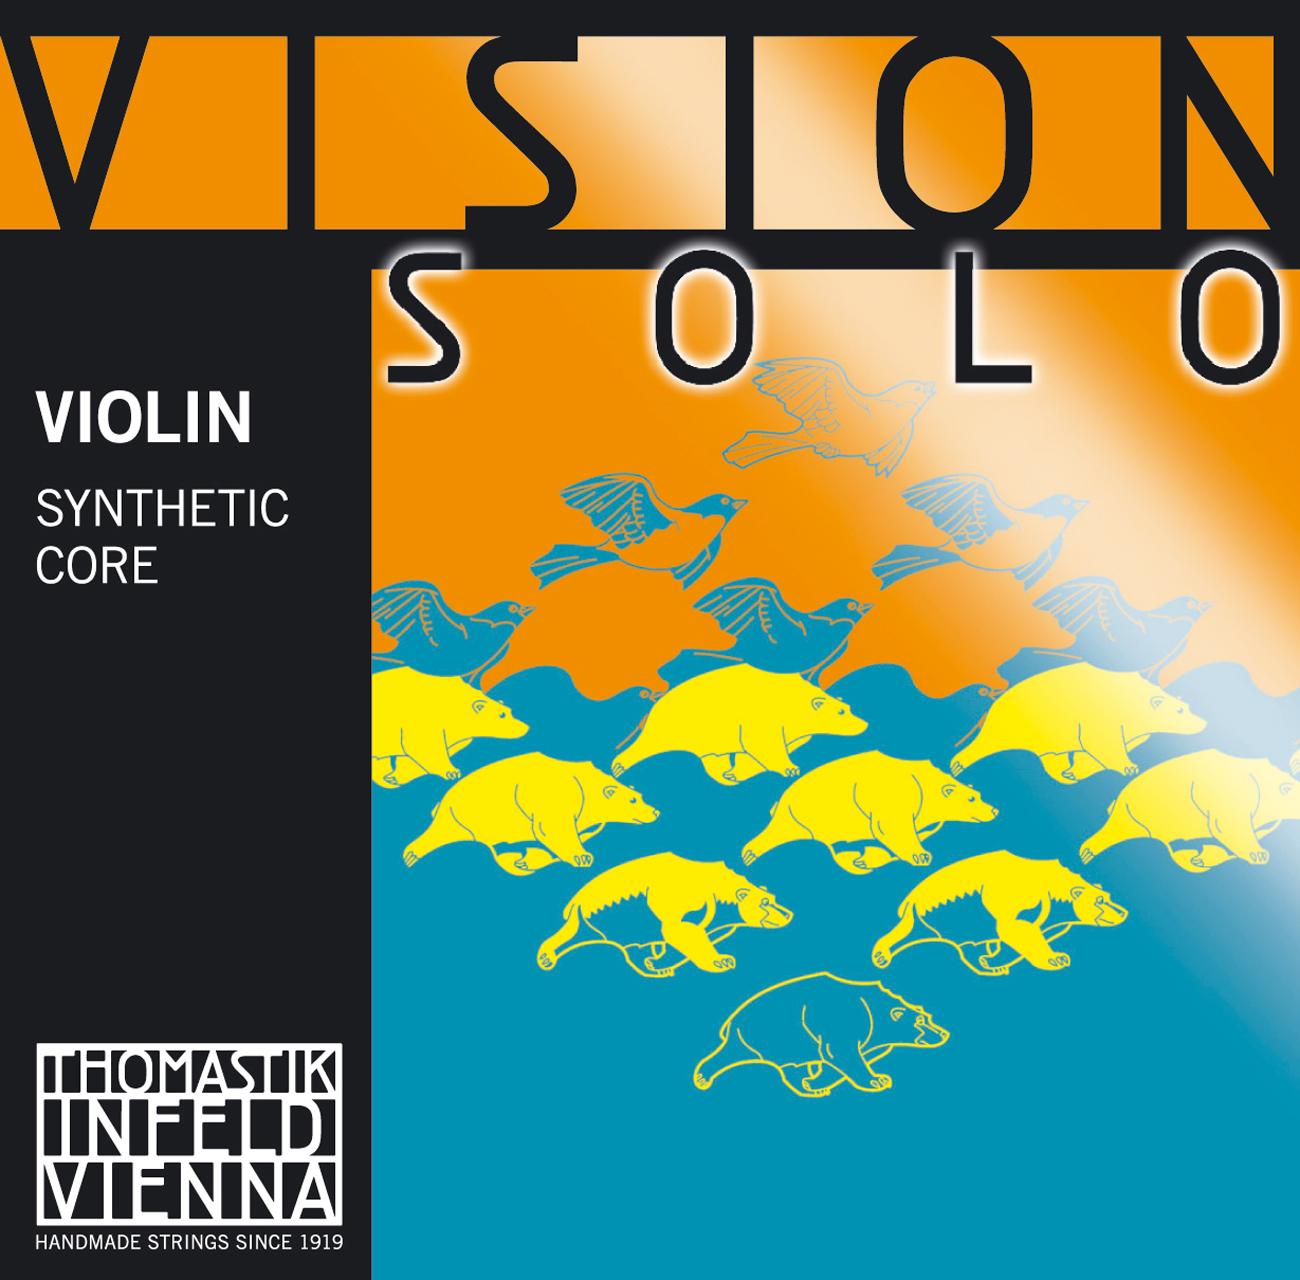 Vision Solo Violin D Silver Wound